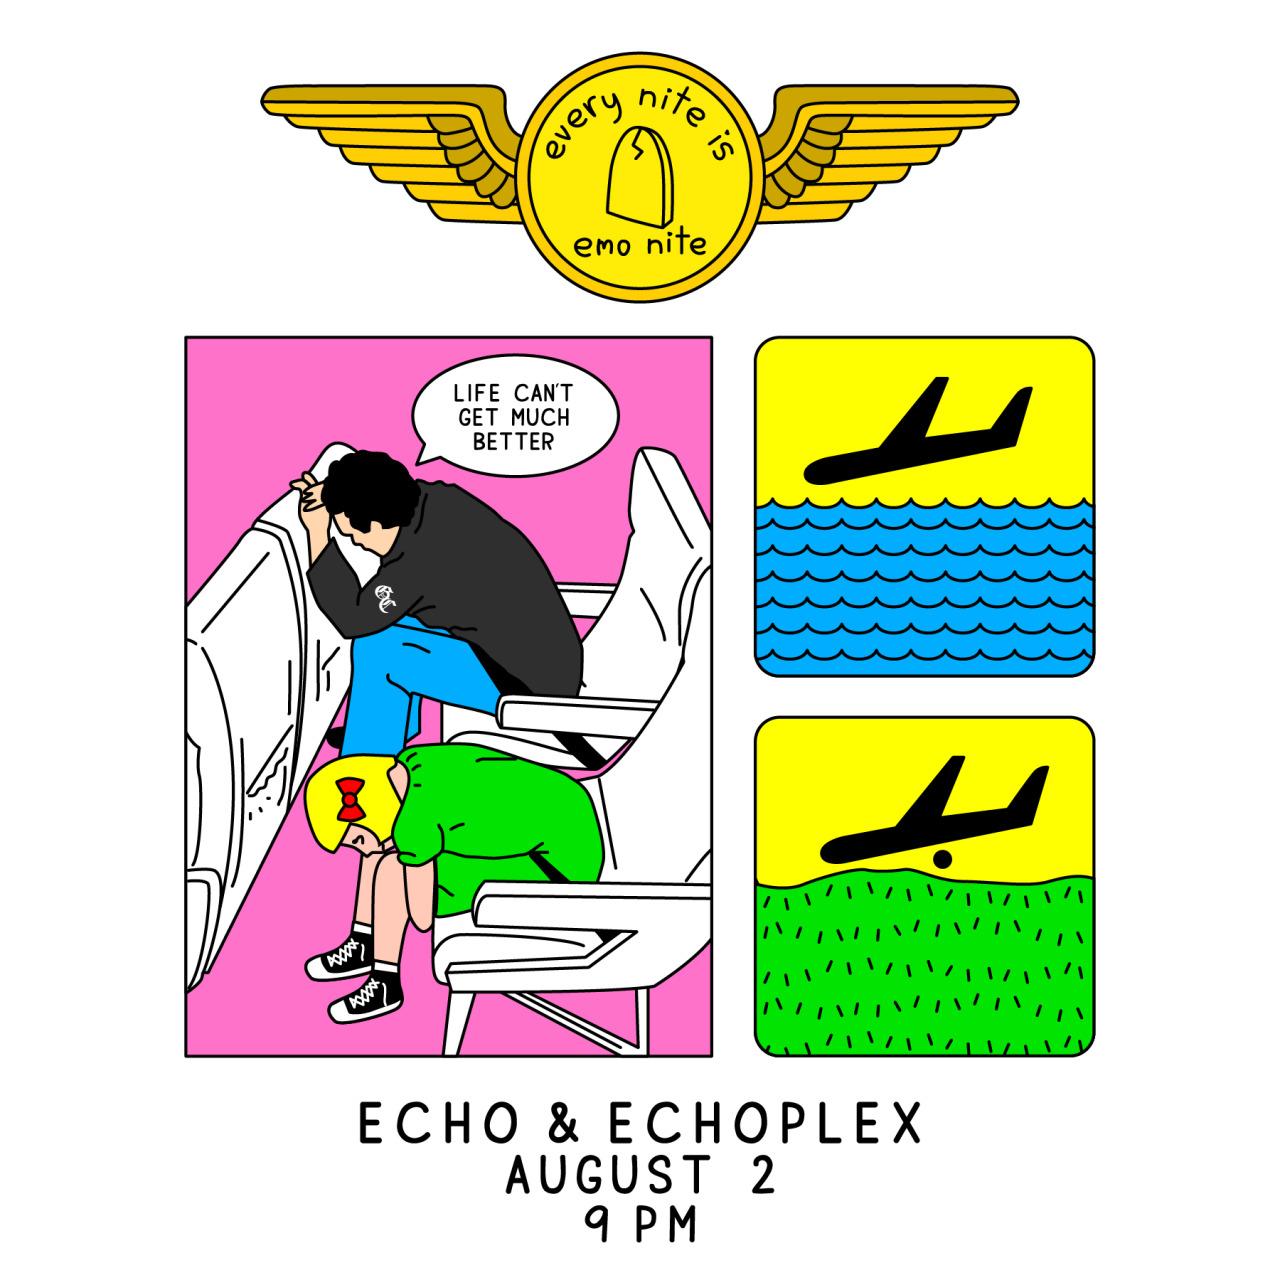 flyer design for emo nite